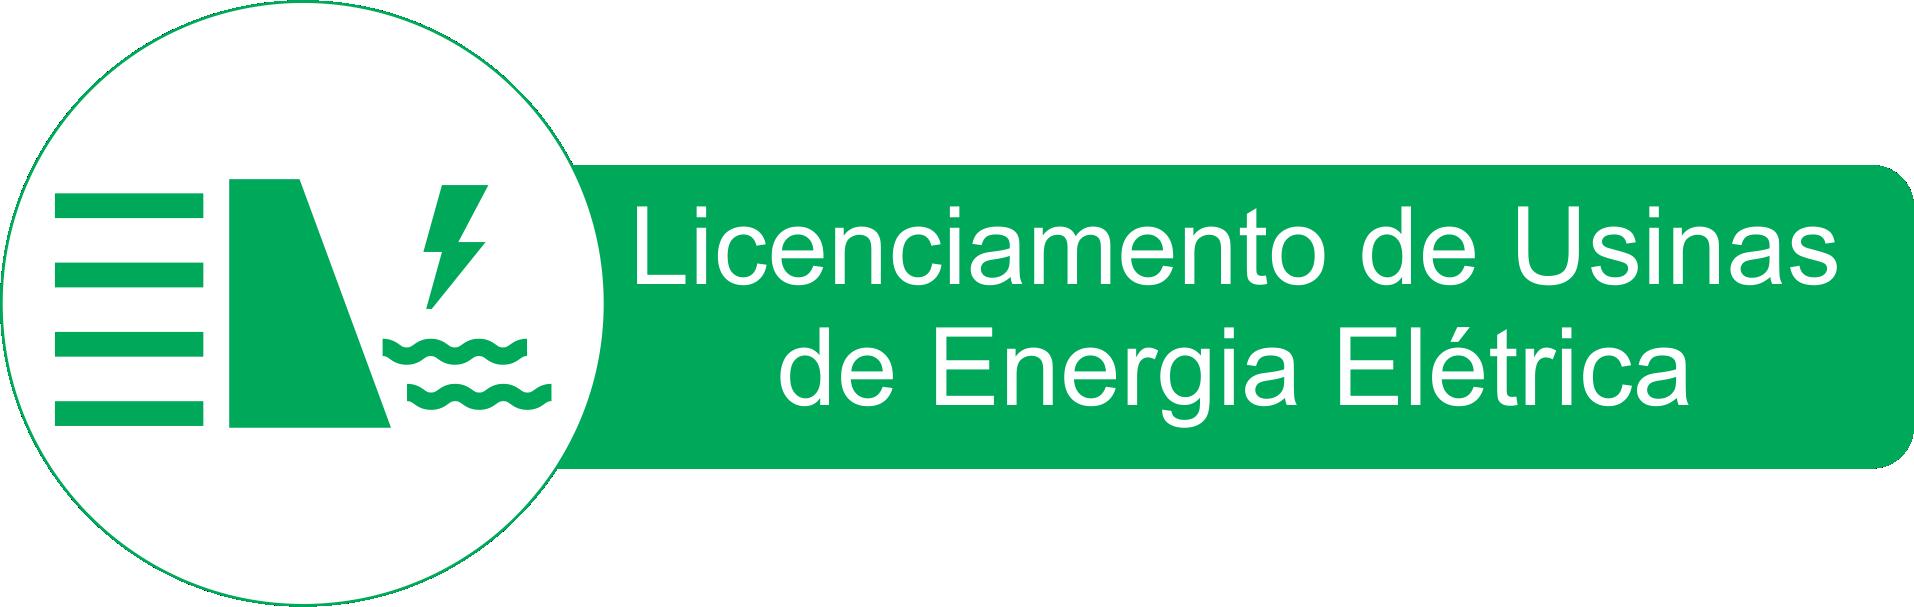 Licenciamento de Usinas de Energia Elétrica